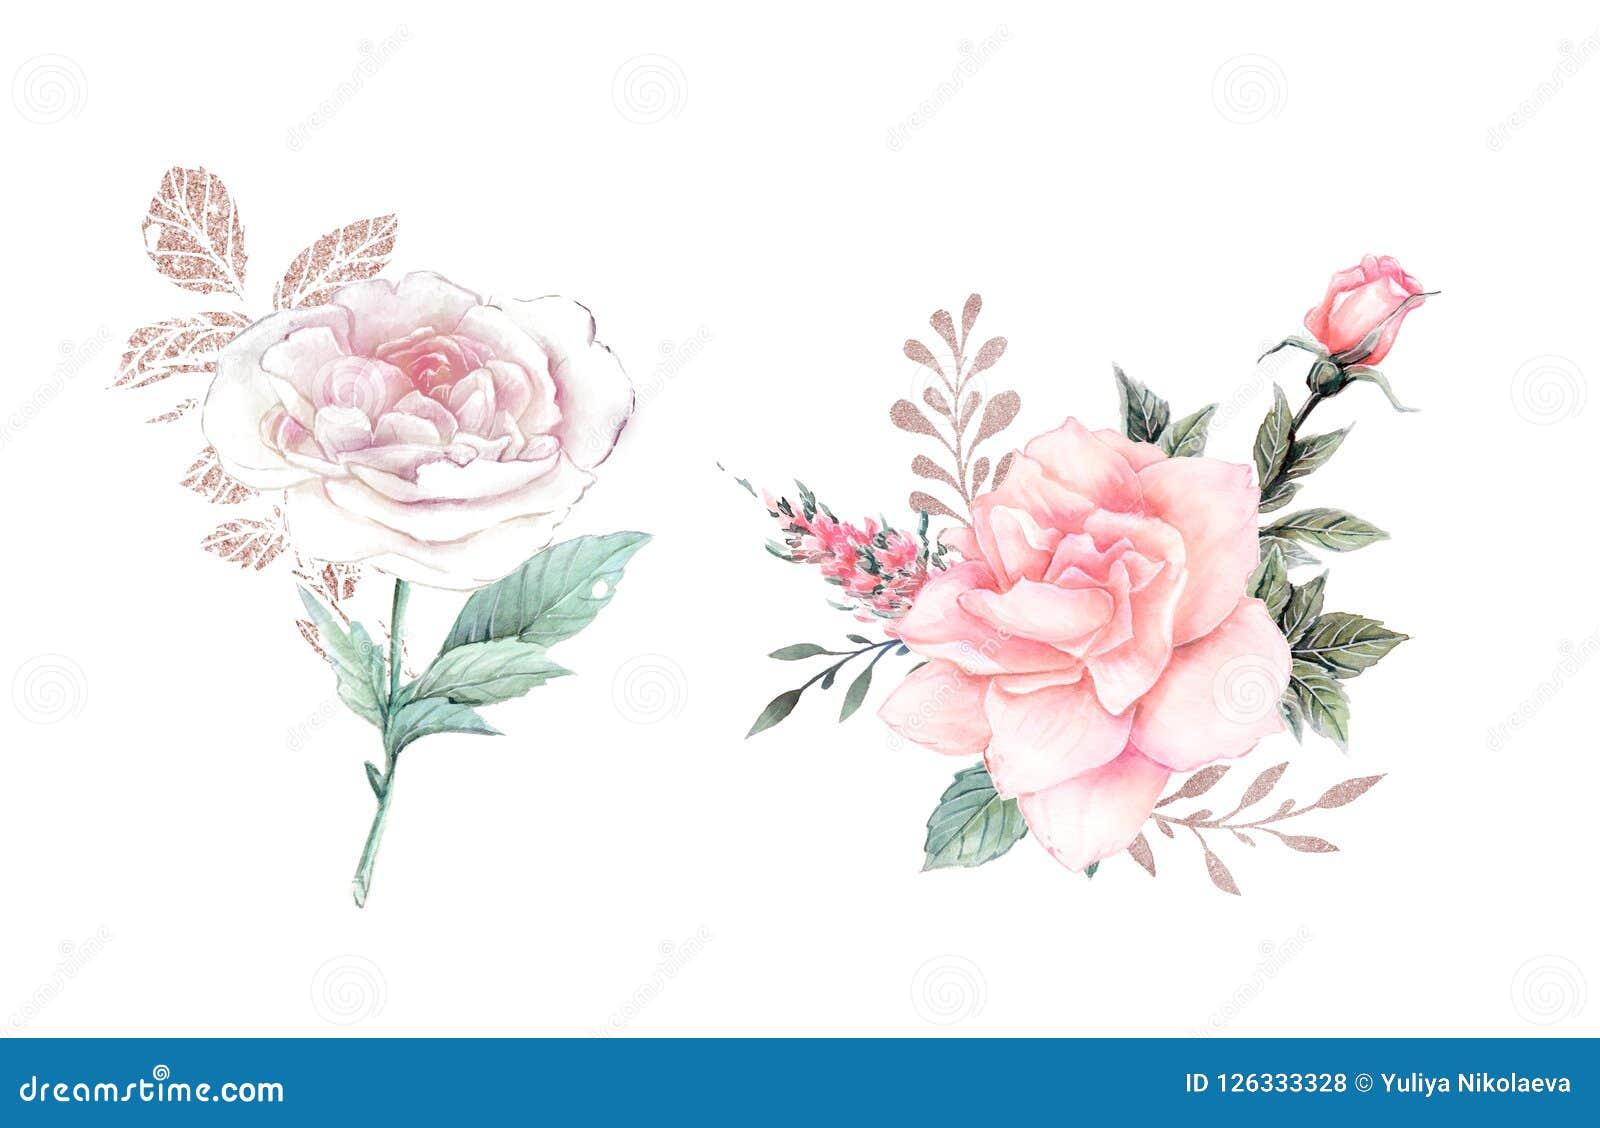 λουλούδια ι συντακτών watercolor εικόνων ζωγραφικής floral απεικόνιση, φύλλο και οφθαλμοί Βοτανική σύνθεση για το γάμο ή τη ευχετ